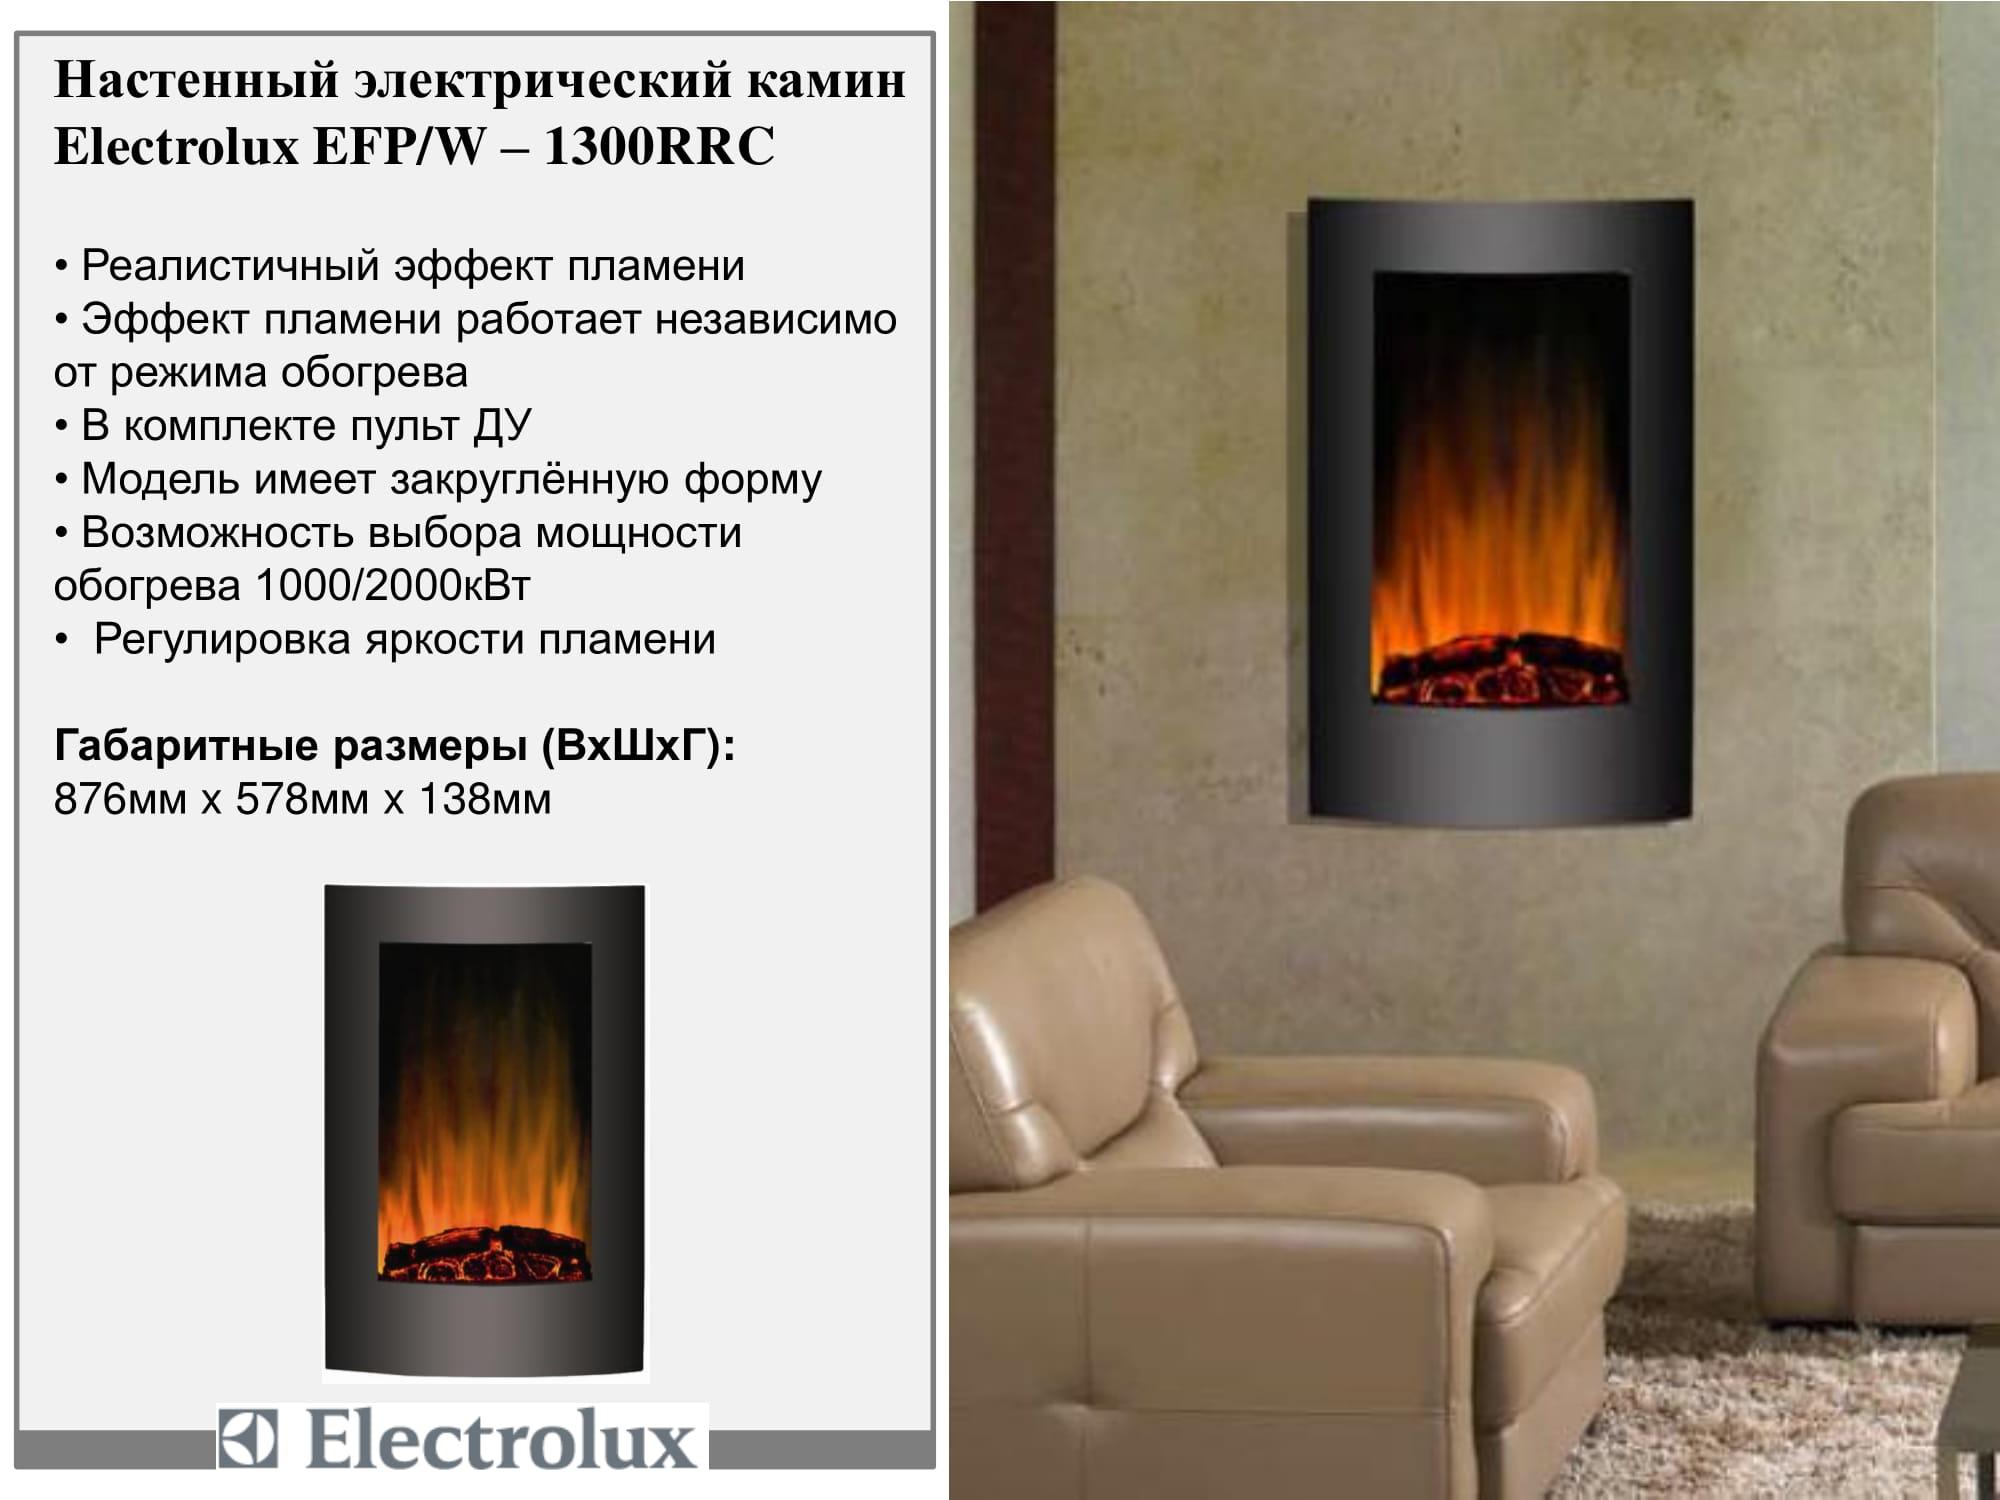 Electrolux EFP/W-1300RRC